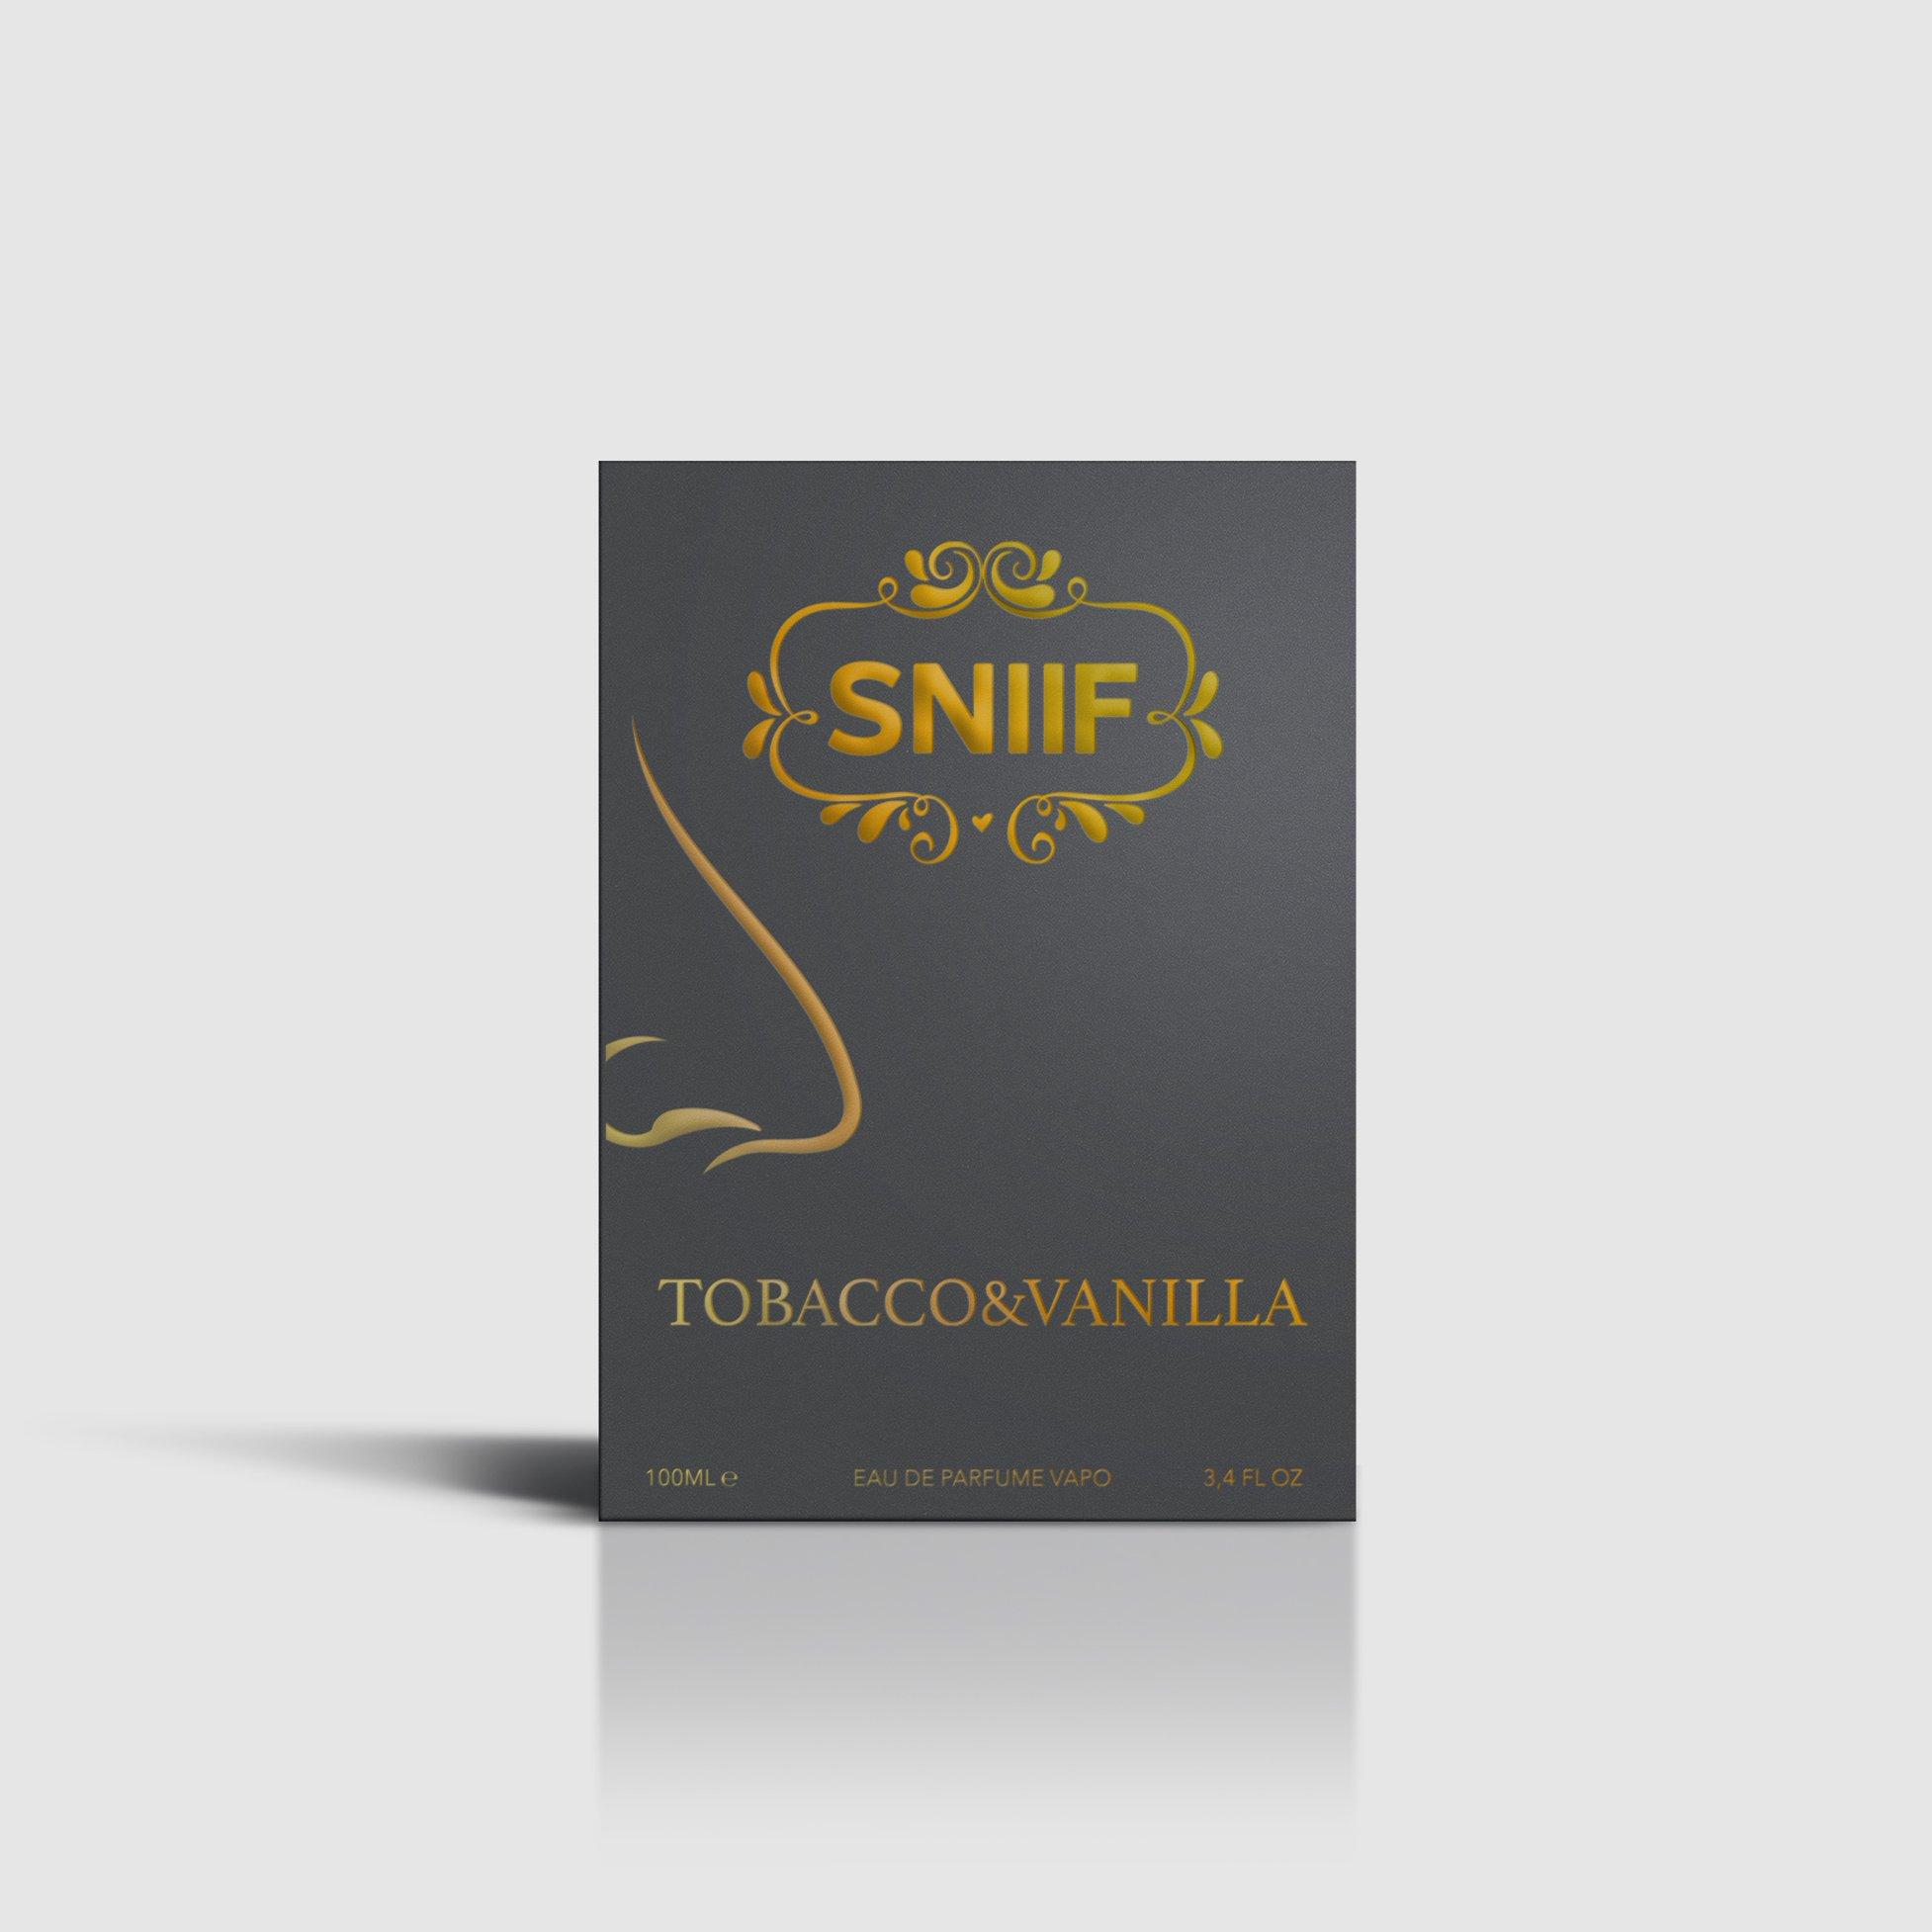 Sniif Profumo Tobacco&Vanilla